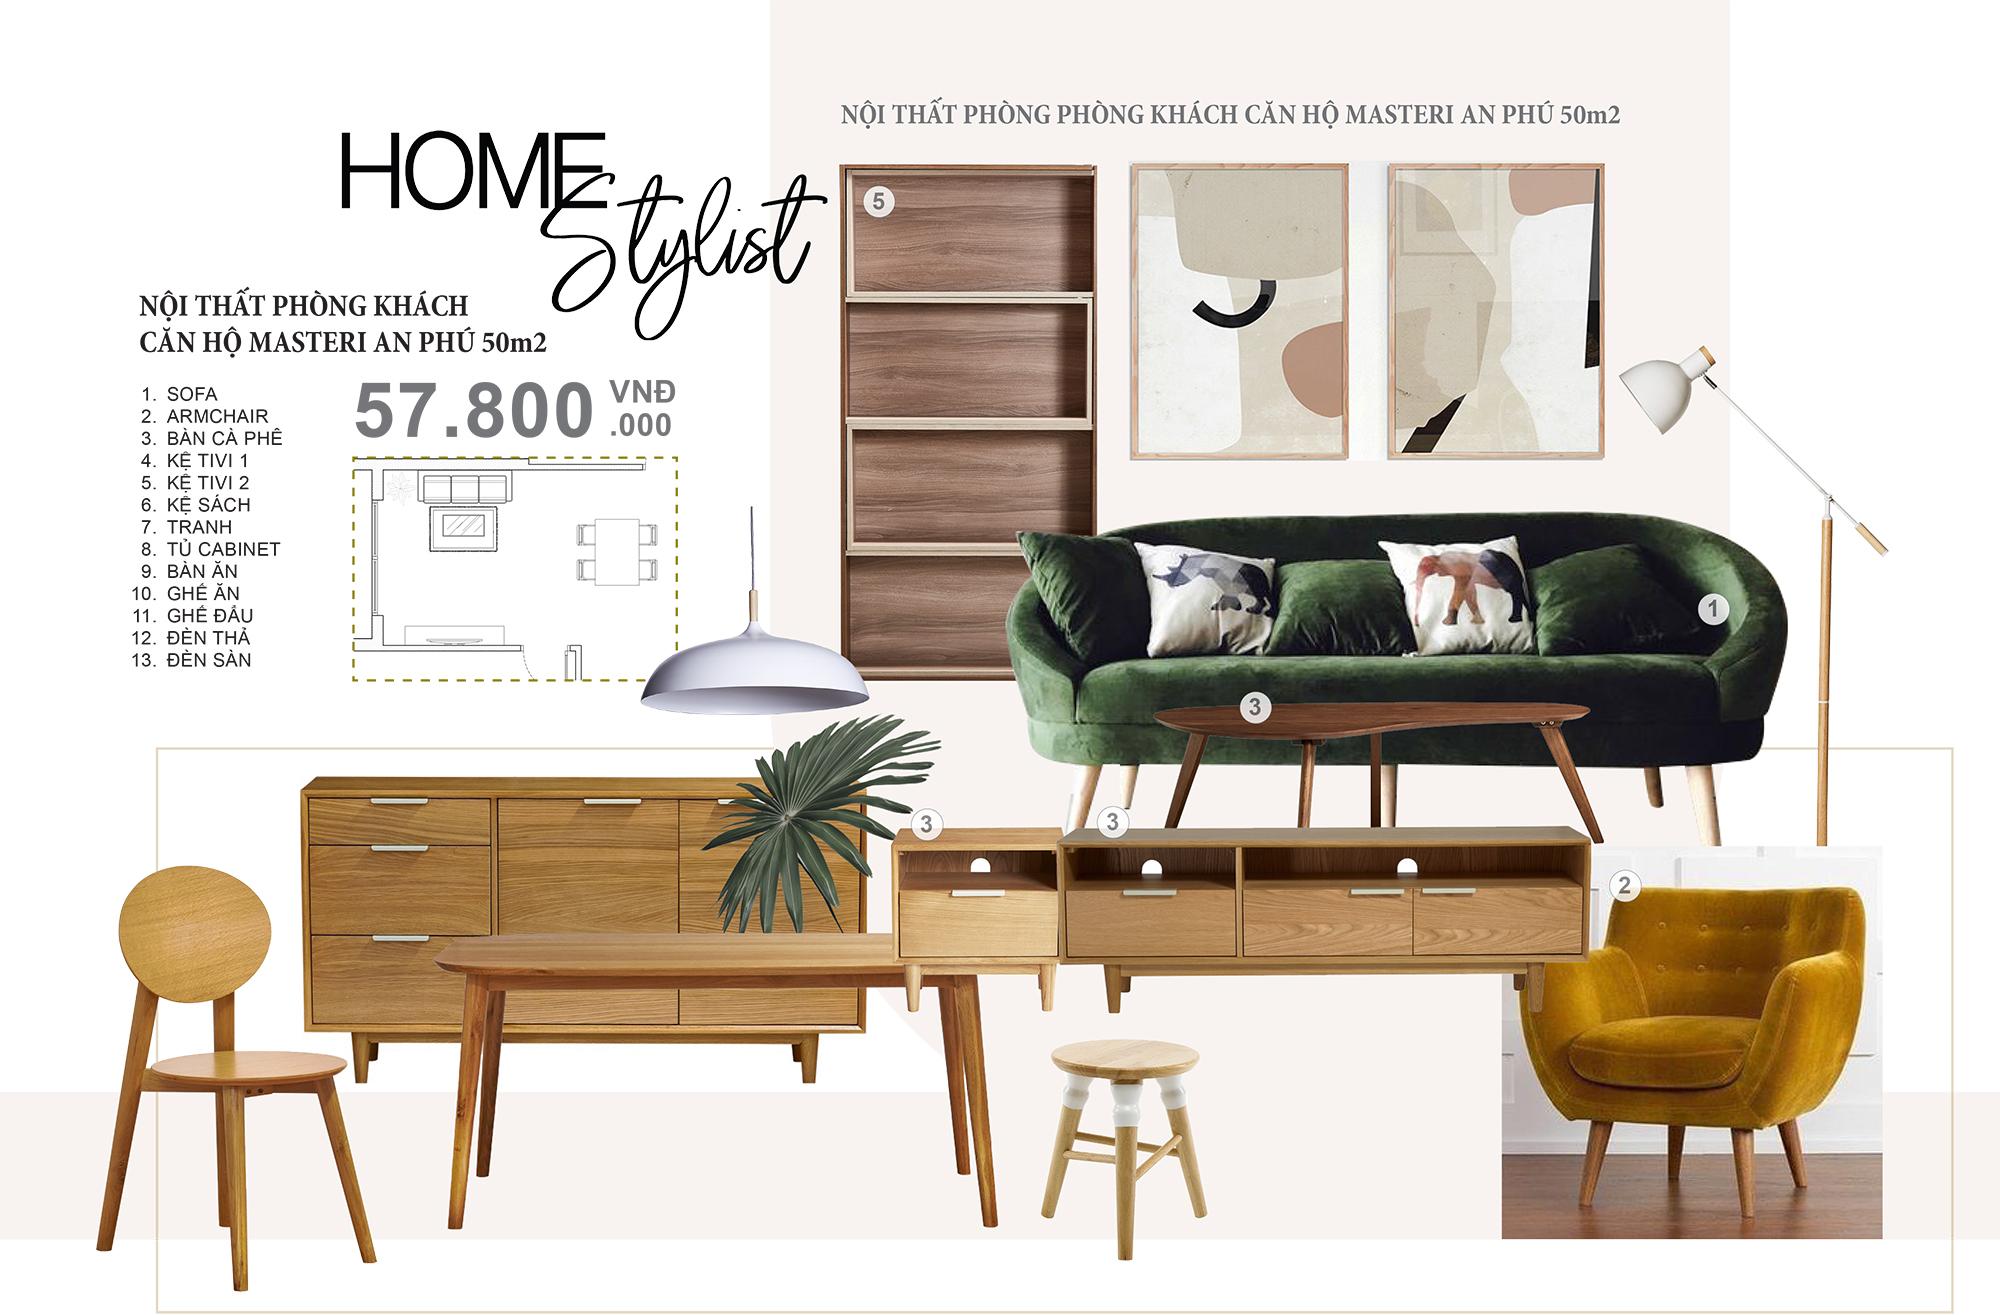 Concept nội thất phòng khách căn hộ Masteri - Cách sử dụng chất liệu gỗ mang đến sự sang trọng và không gian tiện nghi cho căn hộ. Mẫu concept với chi phí phù hợp đã bao gồm đồ nội thất. Liên hệ ngay các Stylist của chúng tôi để được tư vấn chi tiết hơn về ý tưởng.